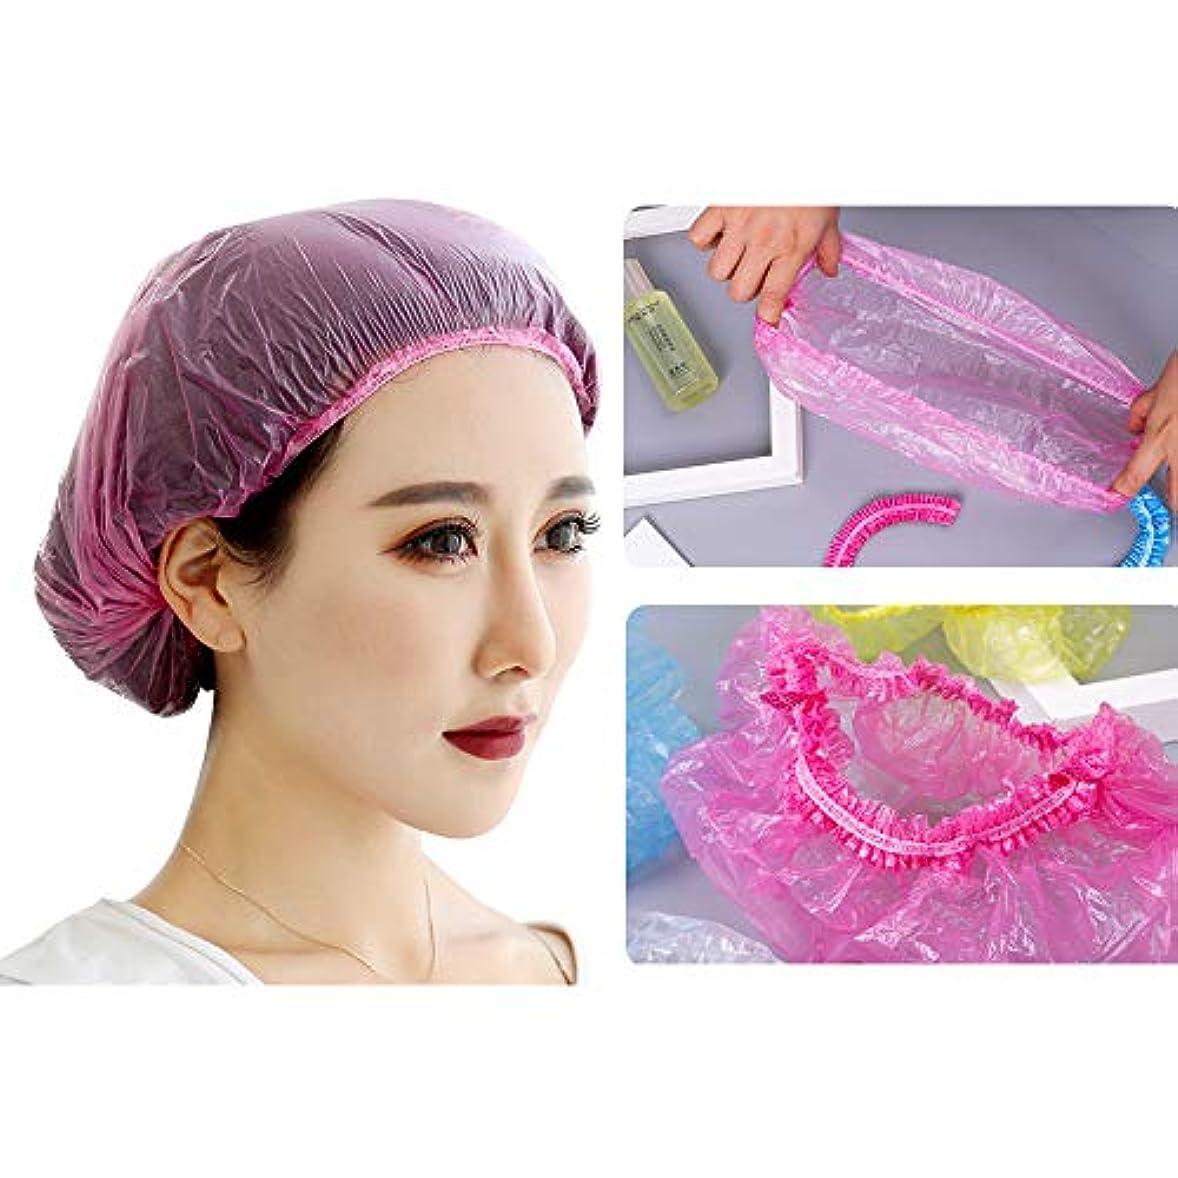 どこにでも聖人同様のWotion シャワーキャップ 使い捨てキャップ ヘアキャップ100枚入 個別包装 髪染め用 ヘアカラー用 サロン用 作業用 男女兼用 (ピンク)